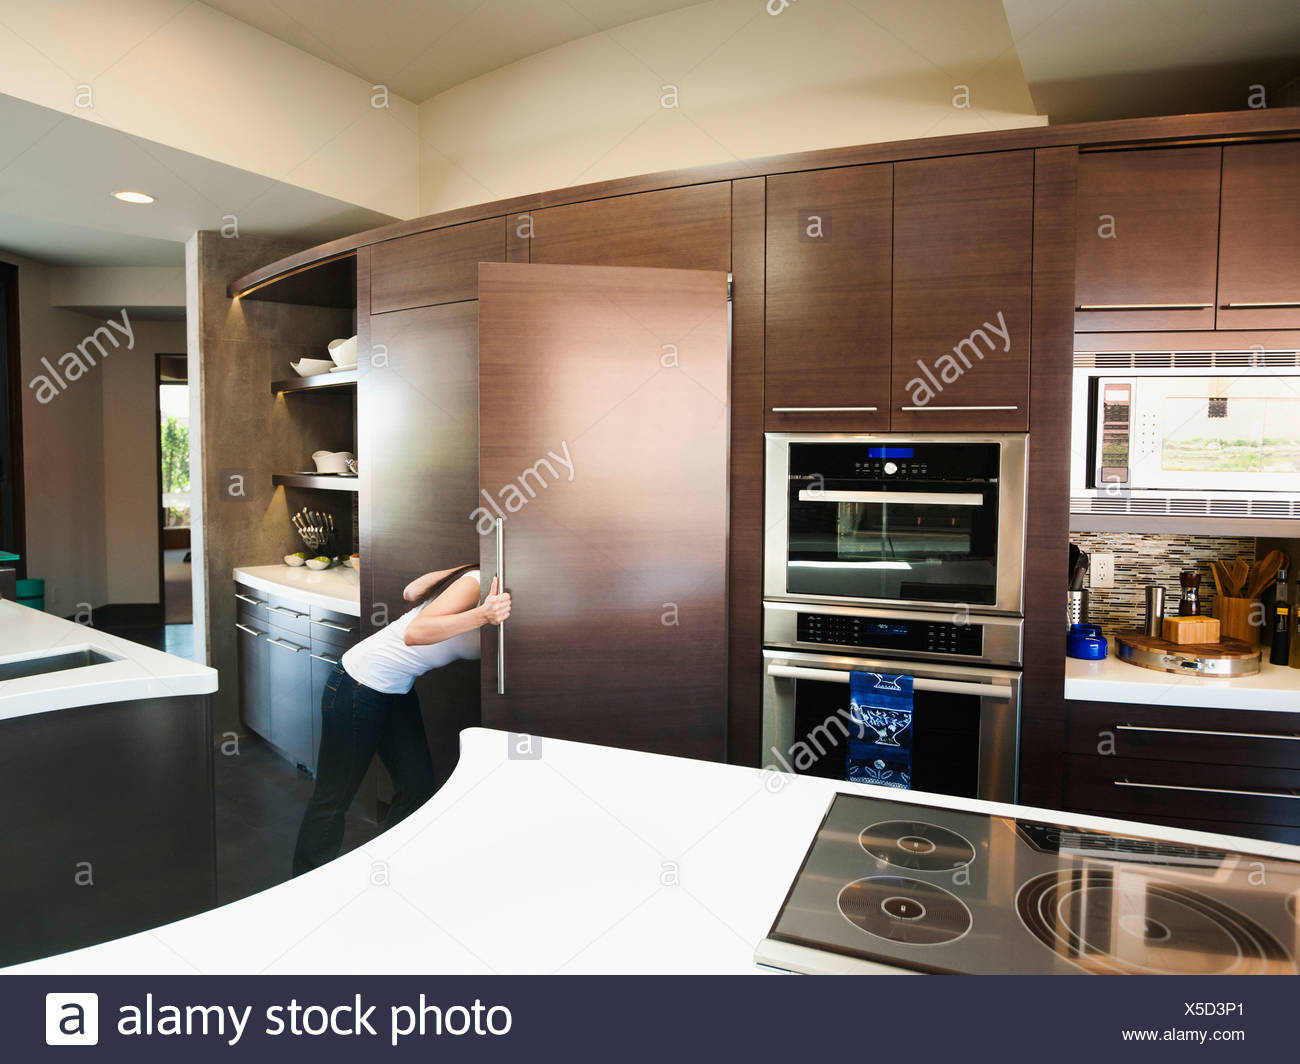 Ausgezeichnet Hollywood Badezimmer Küchen Willoughby Bilder ...